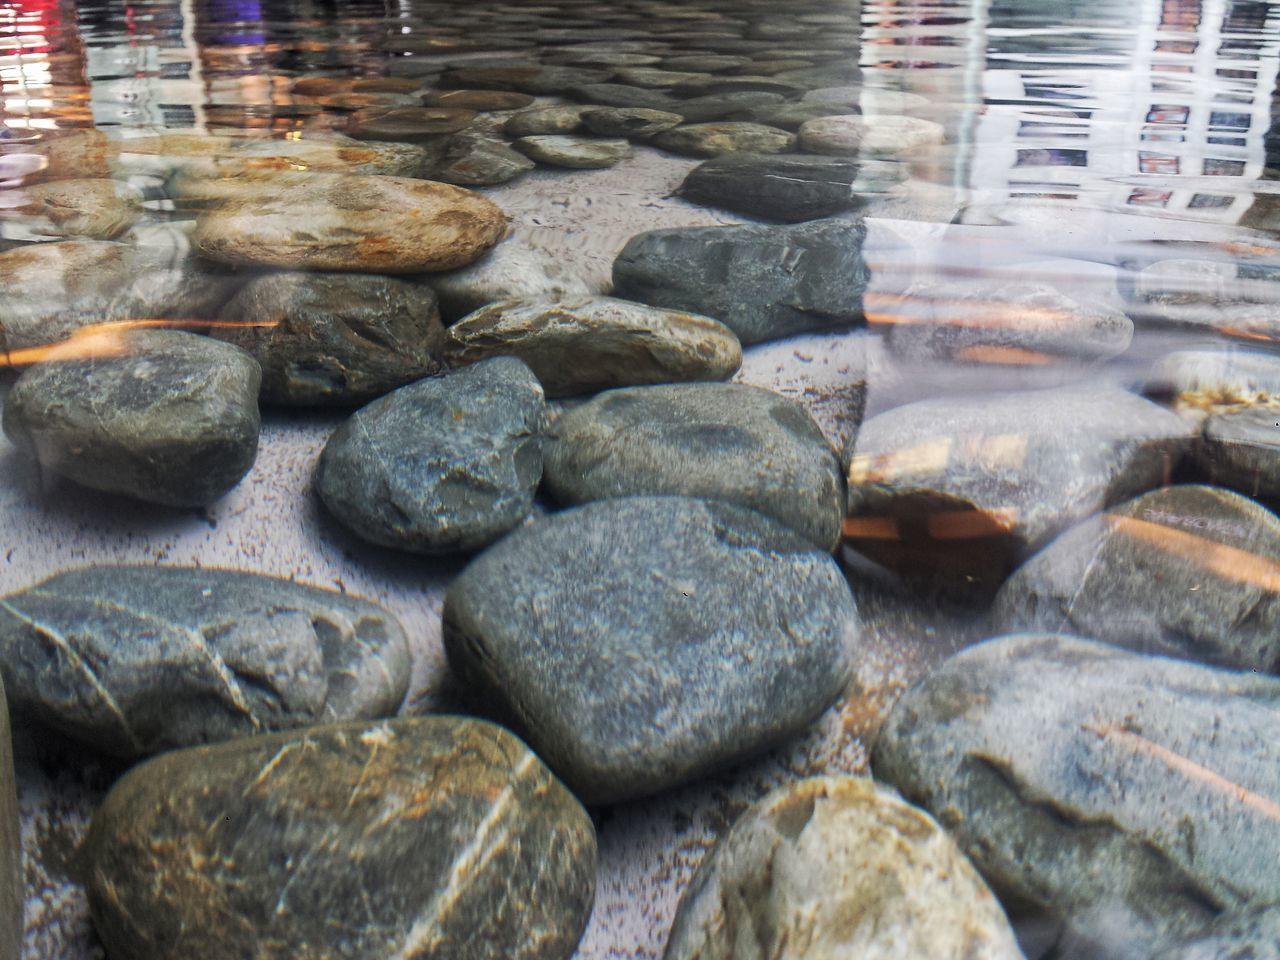 Piedras debajo del agua River Stones Water No People Backgrounds Cdmx2016 Cdmx Mexicolindo Mexico City CDMX ❤ City Life Piedras Agua Fuente